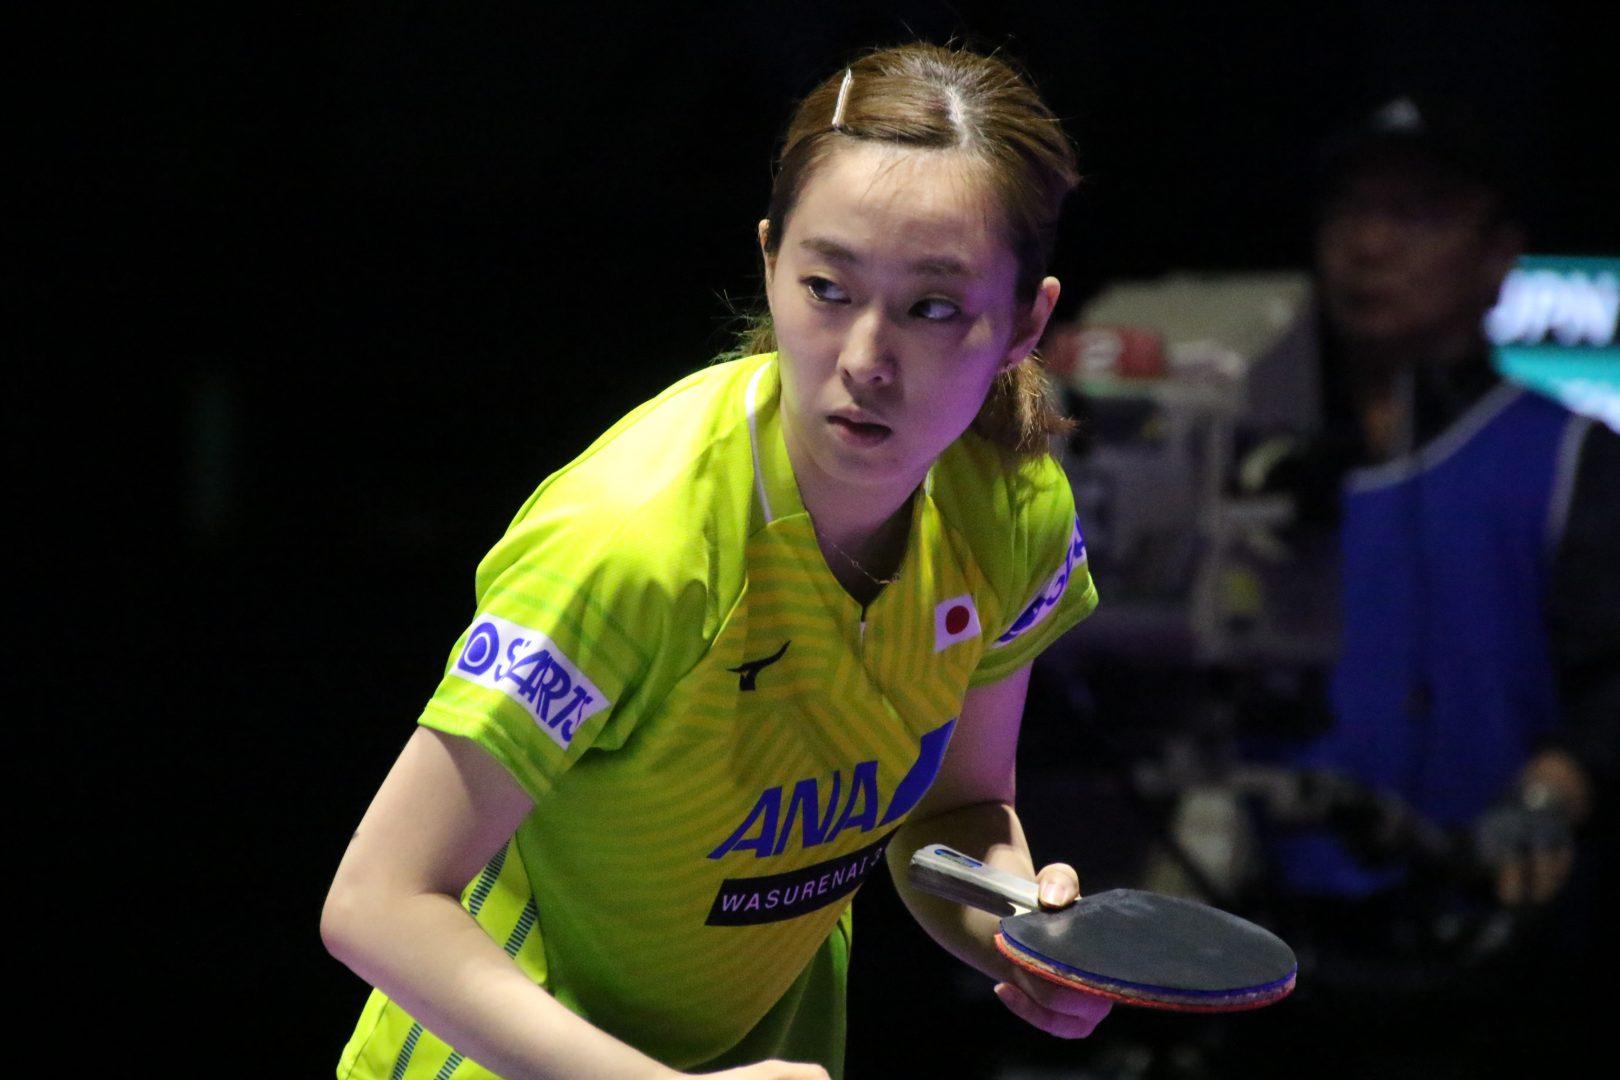 石川佳純8強入り ヨーロッパのエース圧倒<卓球・ブルガリアオープン>